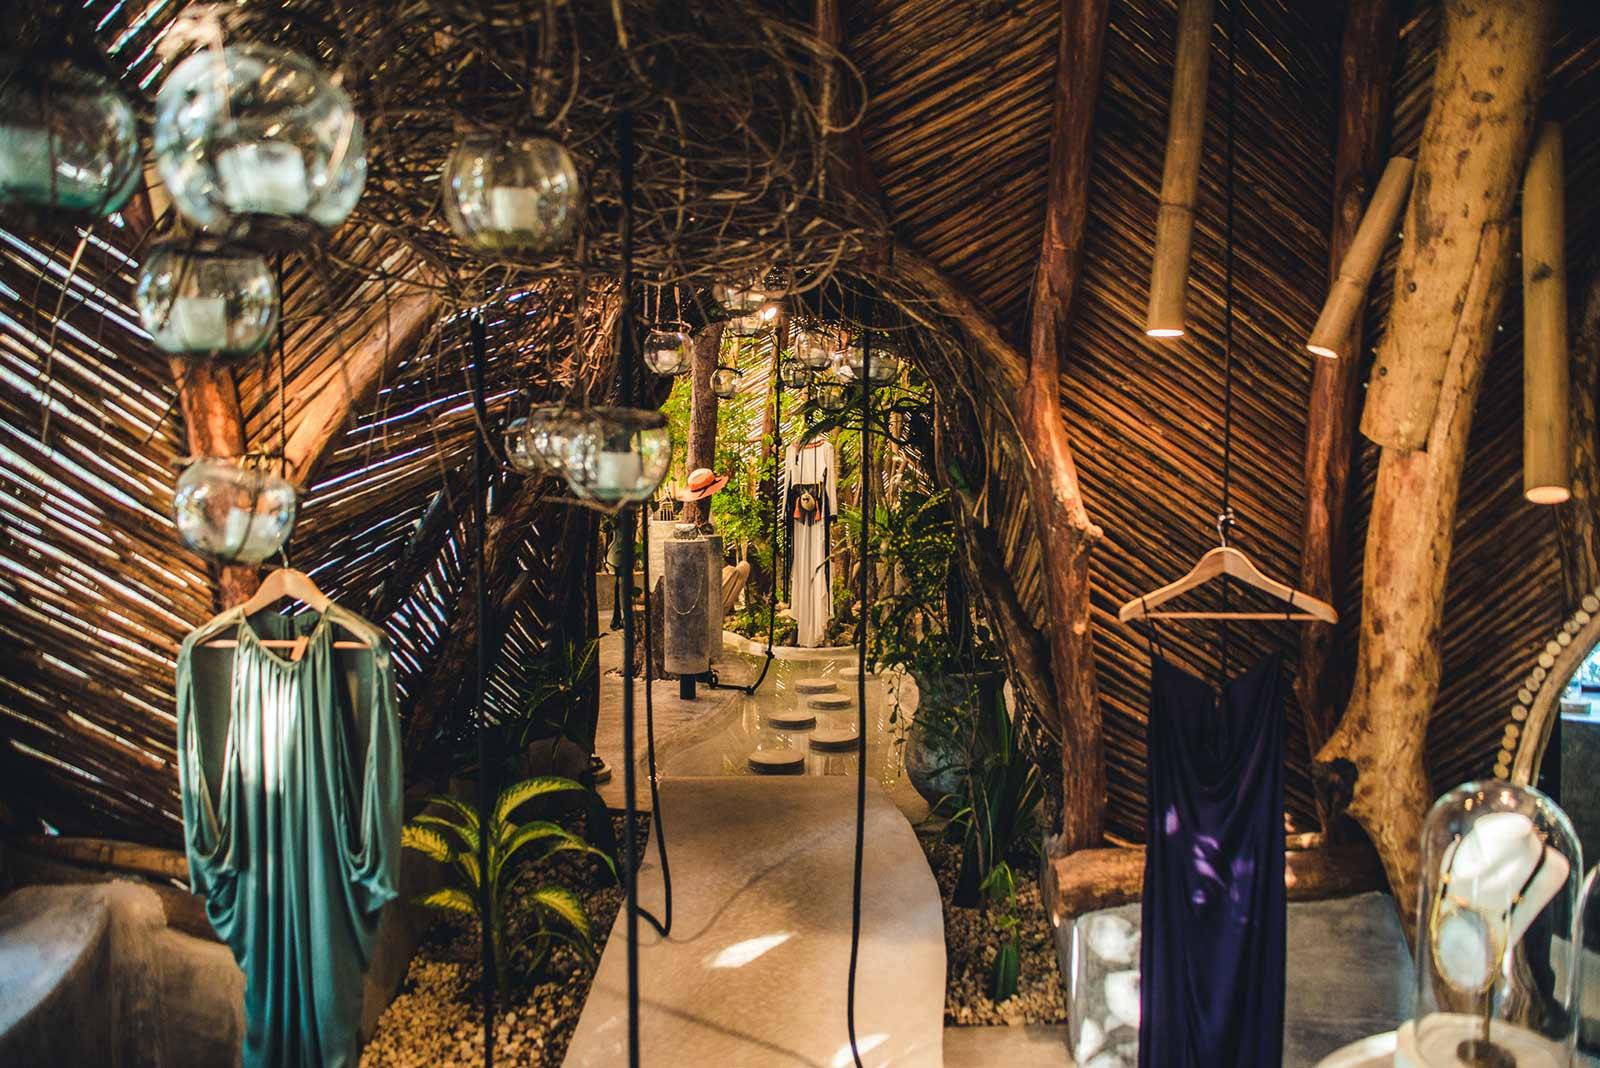 Organic Architecture of the ZAK IK Boutique in Tulum (6 pics)